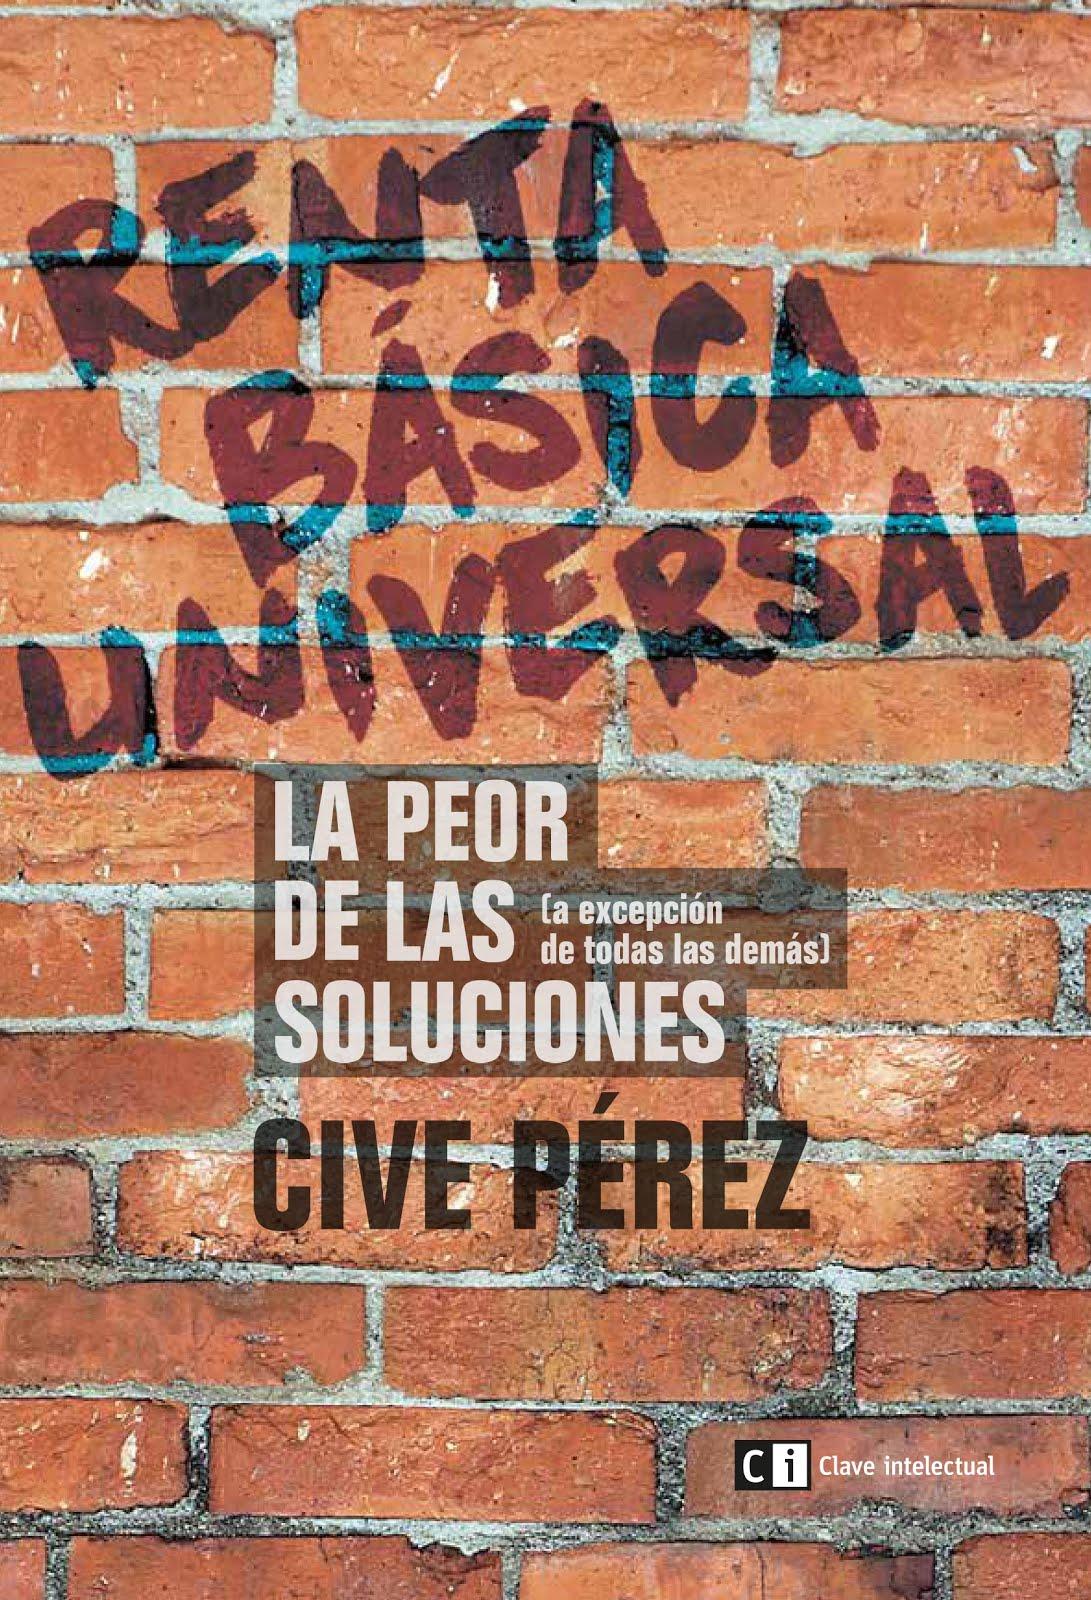 Renta Básica Universal ¿La peor de las soluciones?